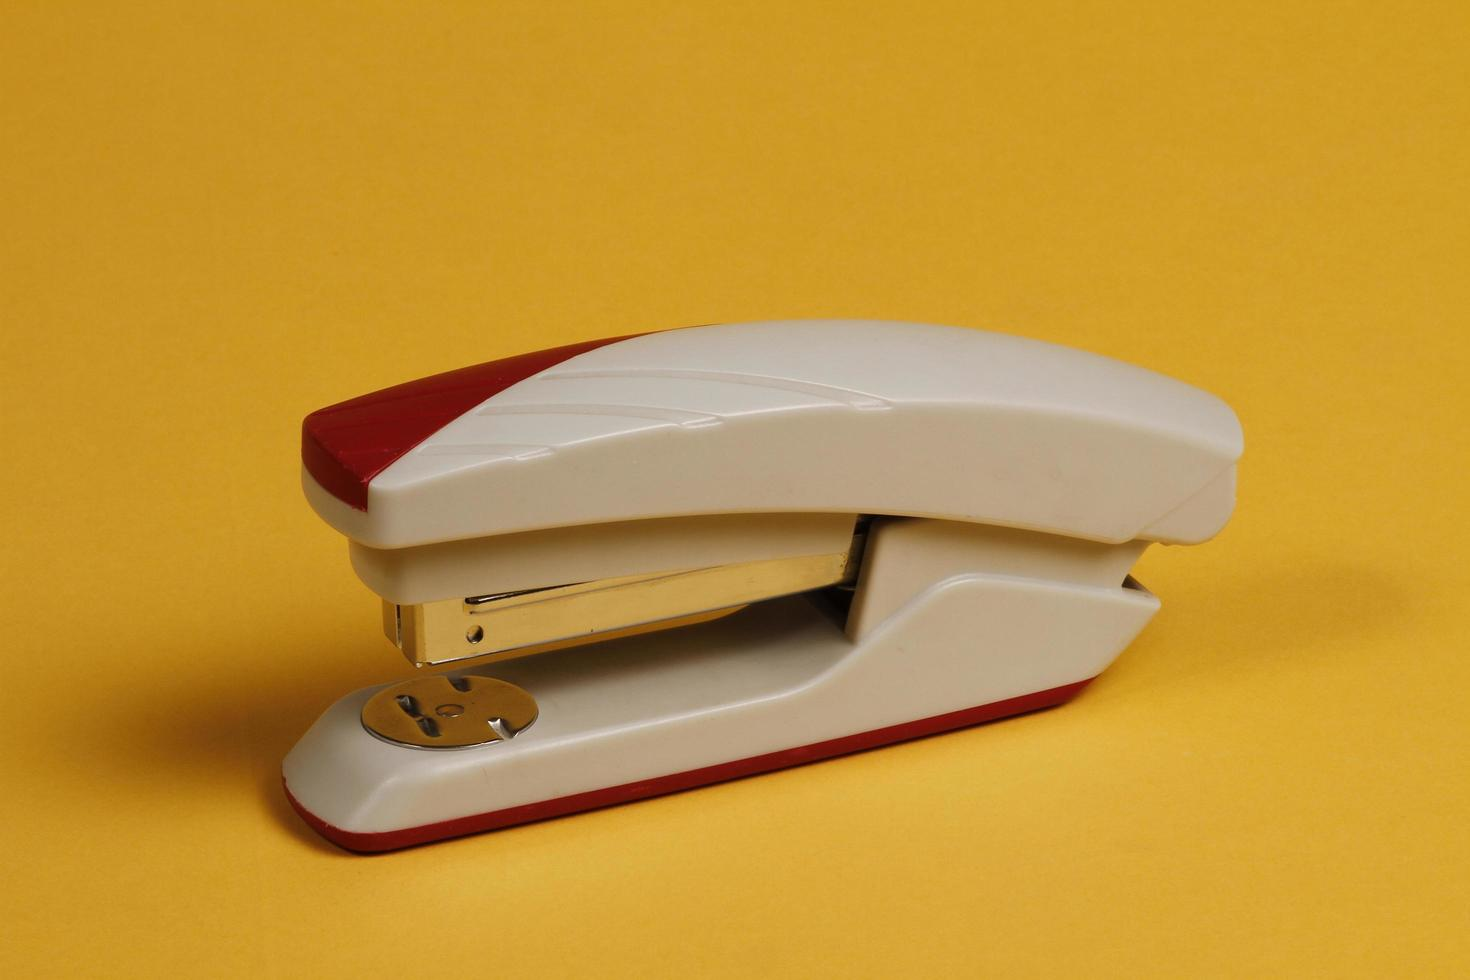 agrafeuse à fil pour bureau et bureau en bordeaux et gris. photo